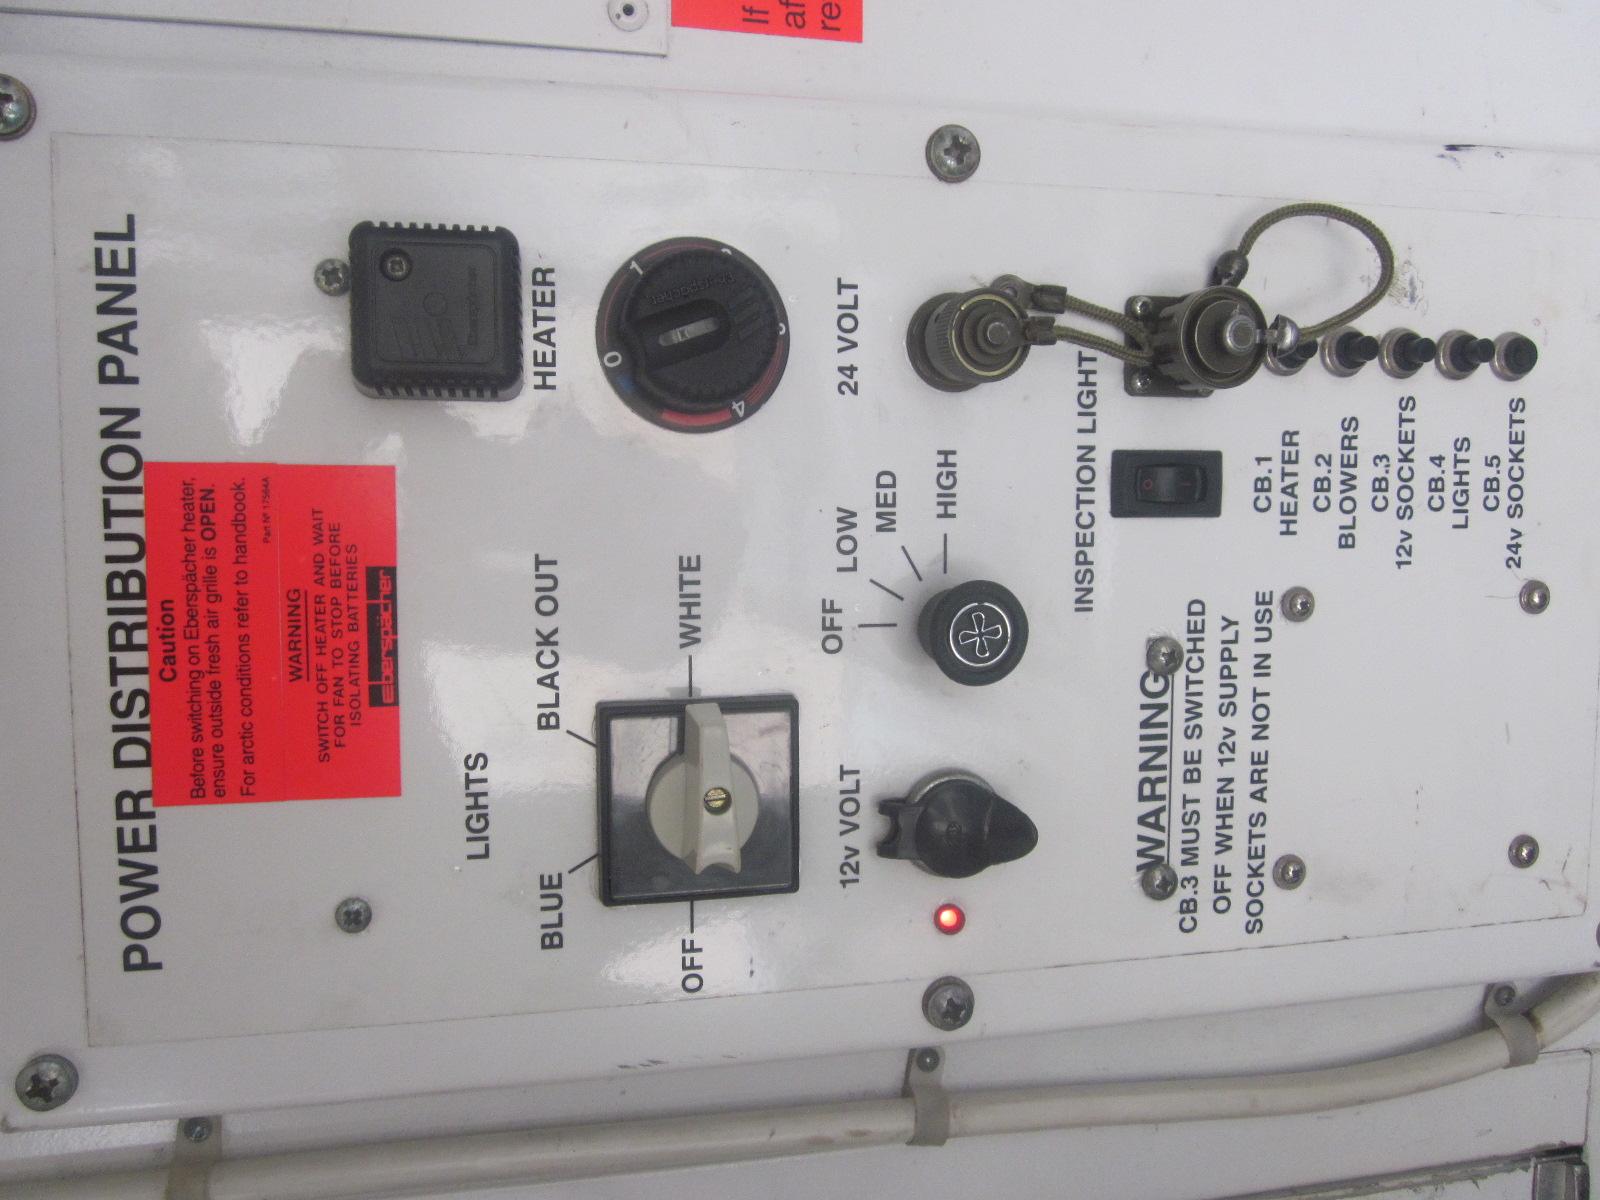 Mercedes Unimog U1300L turbo 4x4  Ambulance   RHD   used military vehicles, MOD surplus for sale